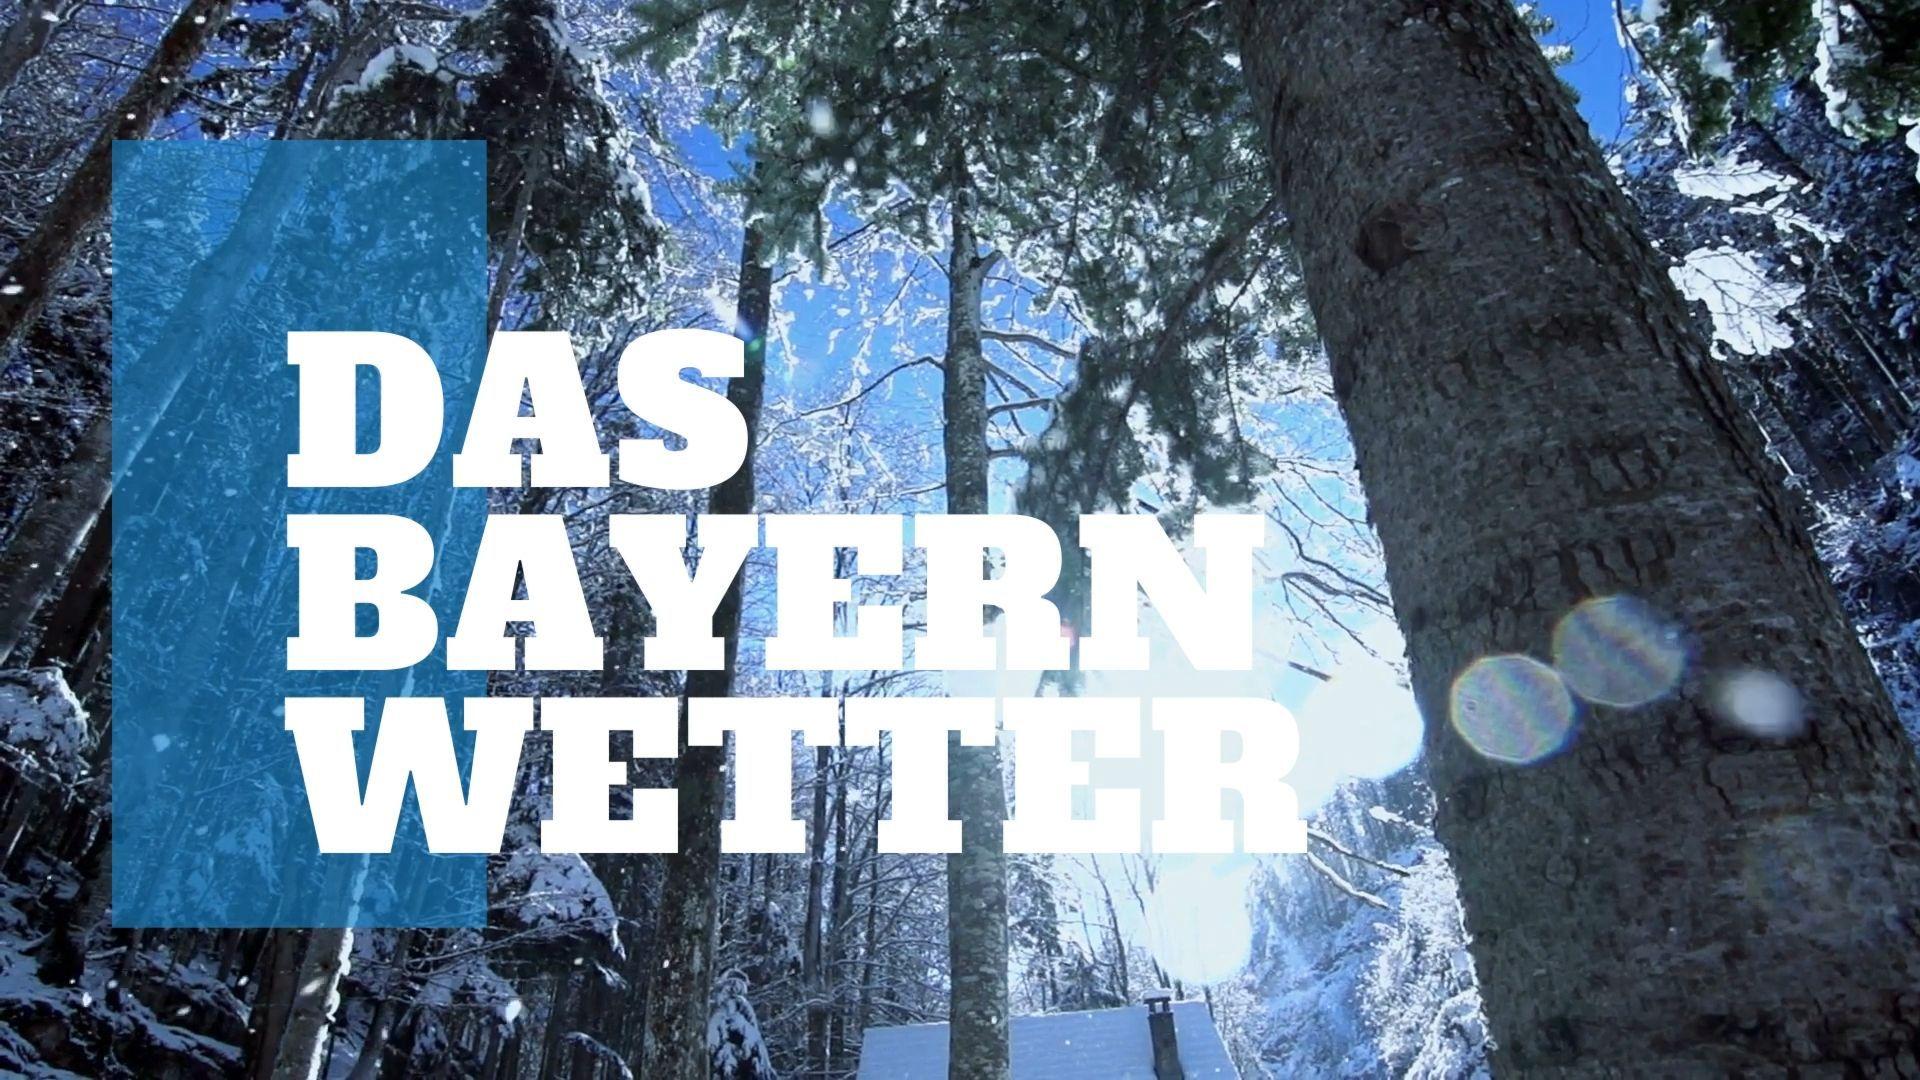 Das Bayern-Wetter: Am Wochenende nochmal kalt, dann die Wetter-Wende